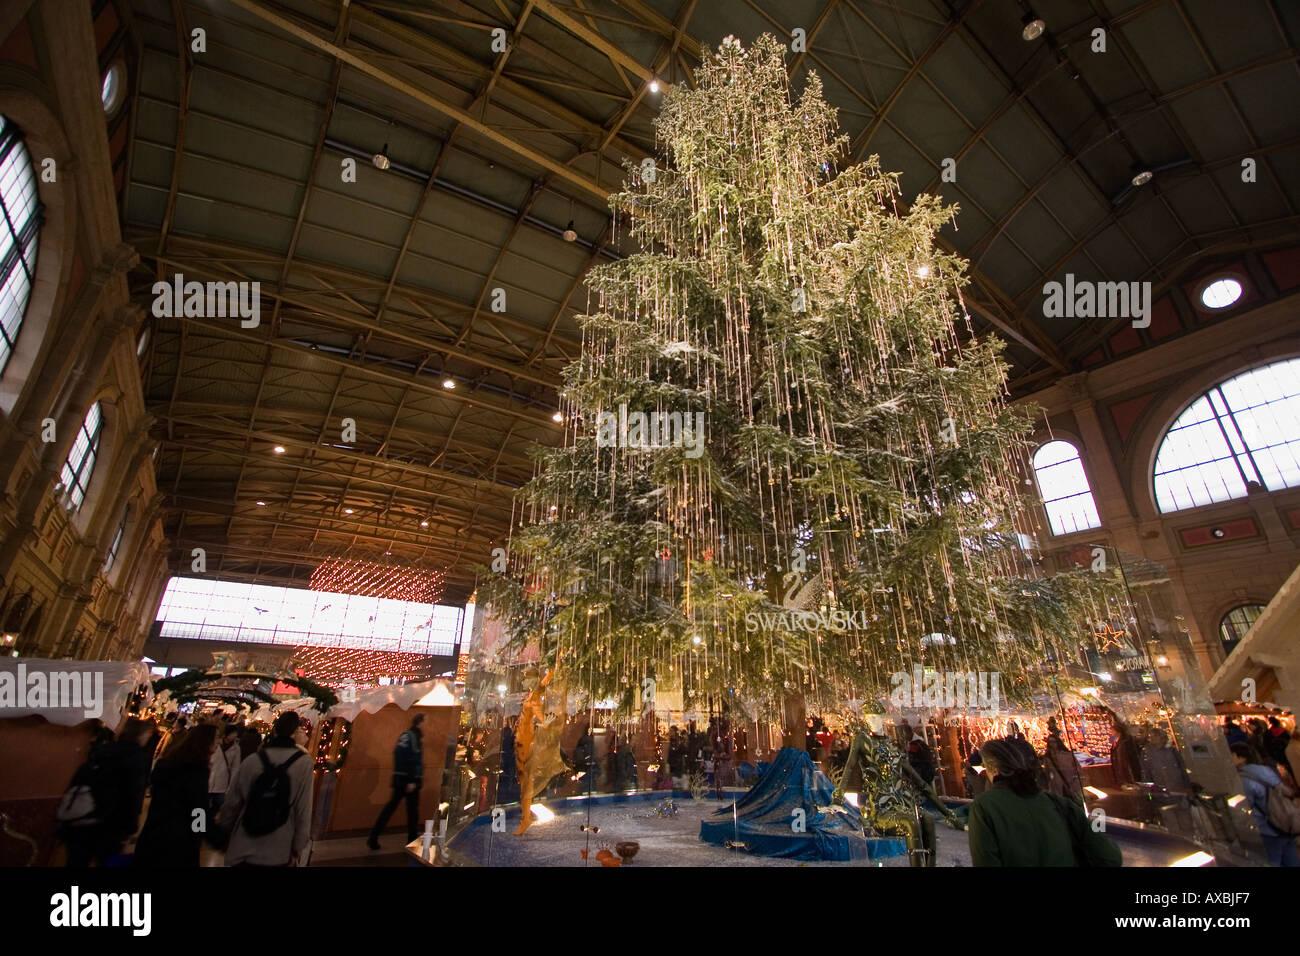 In svizzera la stazione principale di zurigo illuminazione natalizia